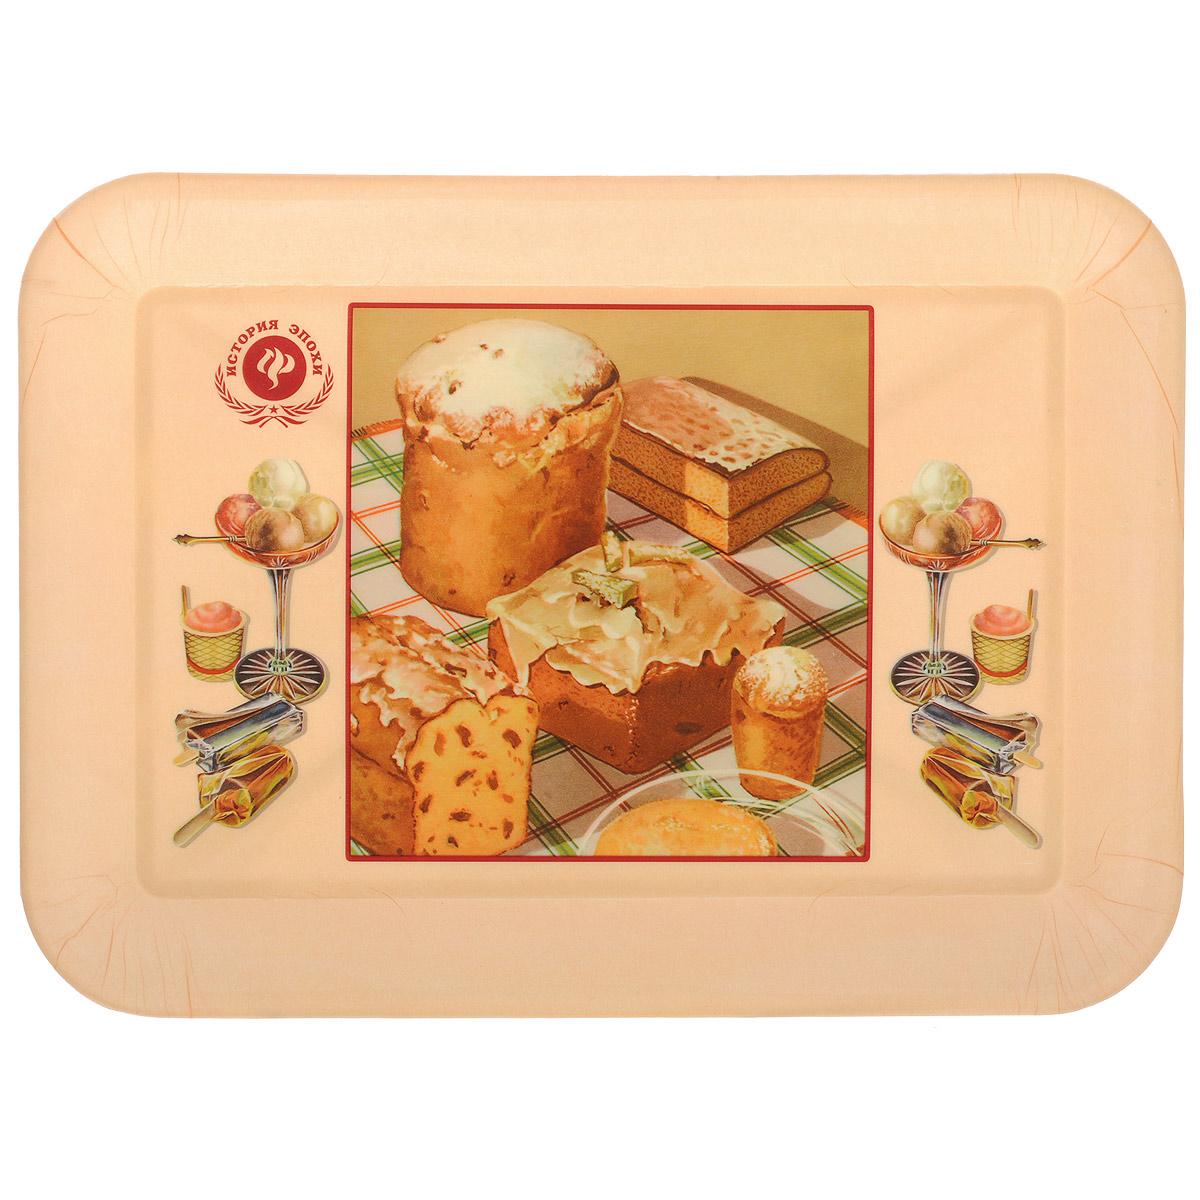 Поднос Феникс-презент Ретро-кексы, 35,5 см х 25,5 см37403Поднос Феникс-презент Ретро-кексы изготовлен из полипропилена. Внутри поднос оформлен рисунком с изображением кексов и разных десертов. Поднос может использоваться как для сервировки, так и для декора кухни. Он прекрасно дополнит интерьер и добавит в обычную обстановку нотки романтики и изящества. Размер подноса: 35,5 см х 25,5 см х 2,3 см. Внутренний размер подноса: 29 см х 19 см х 1,9 см.